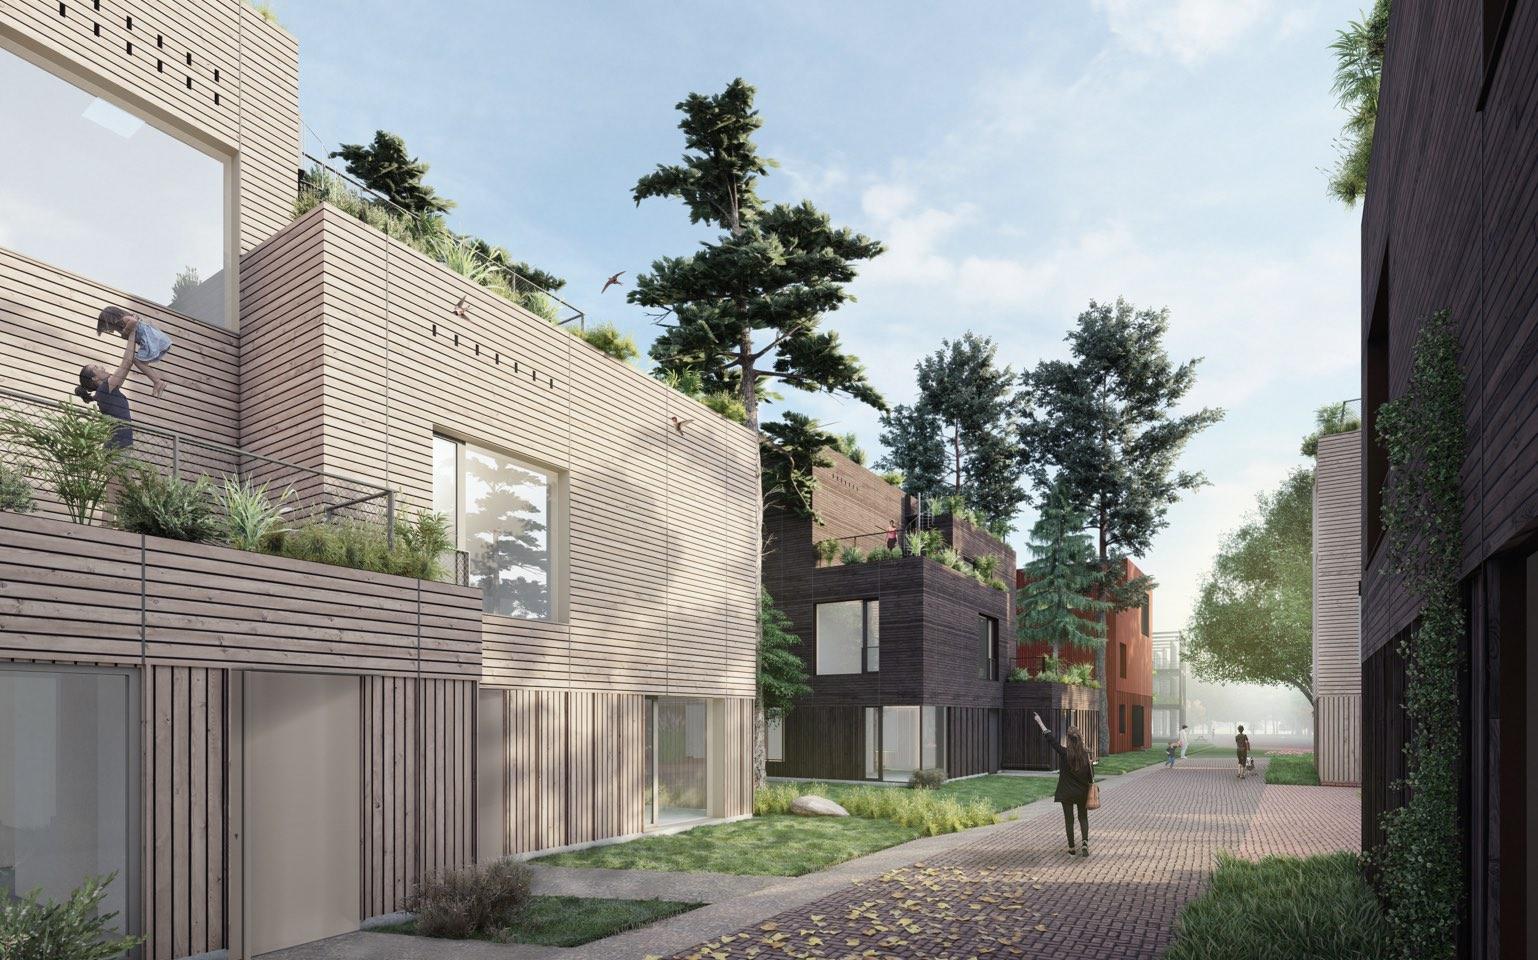 De duurzaamste wijk van Europa komt in Nederland